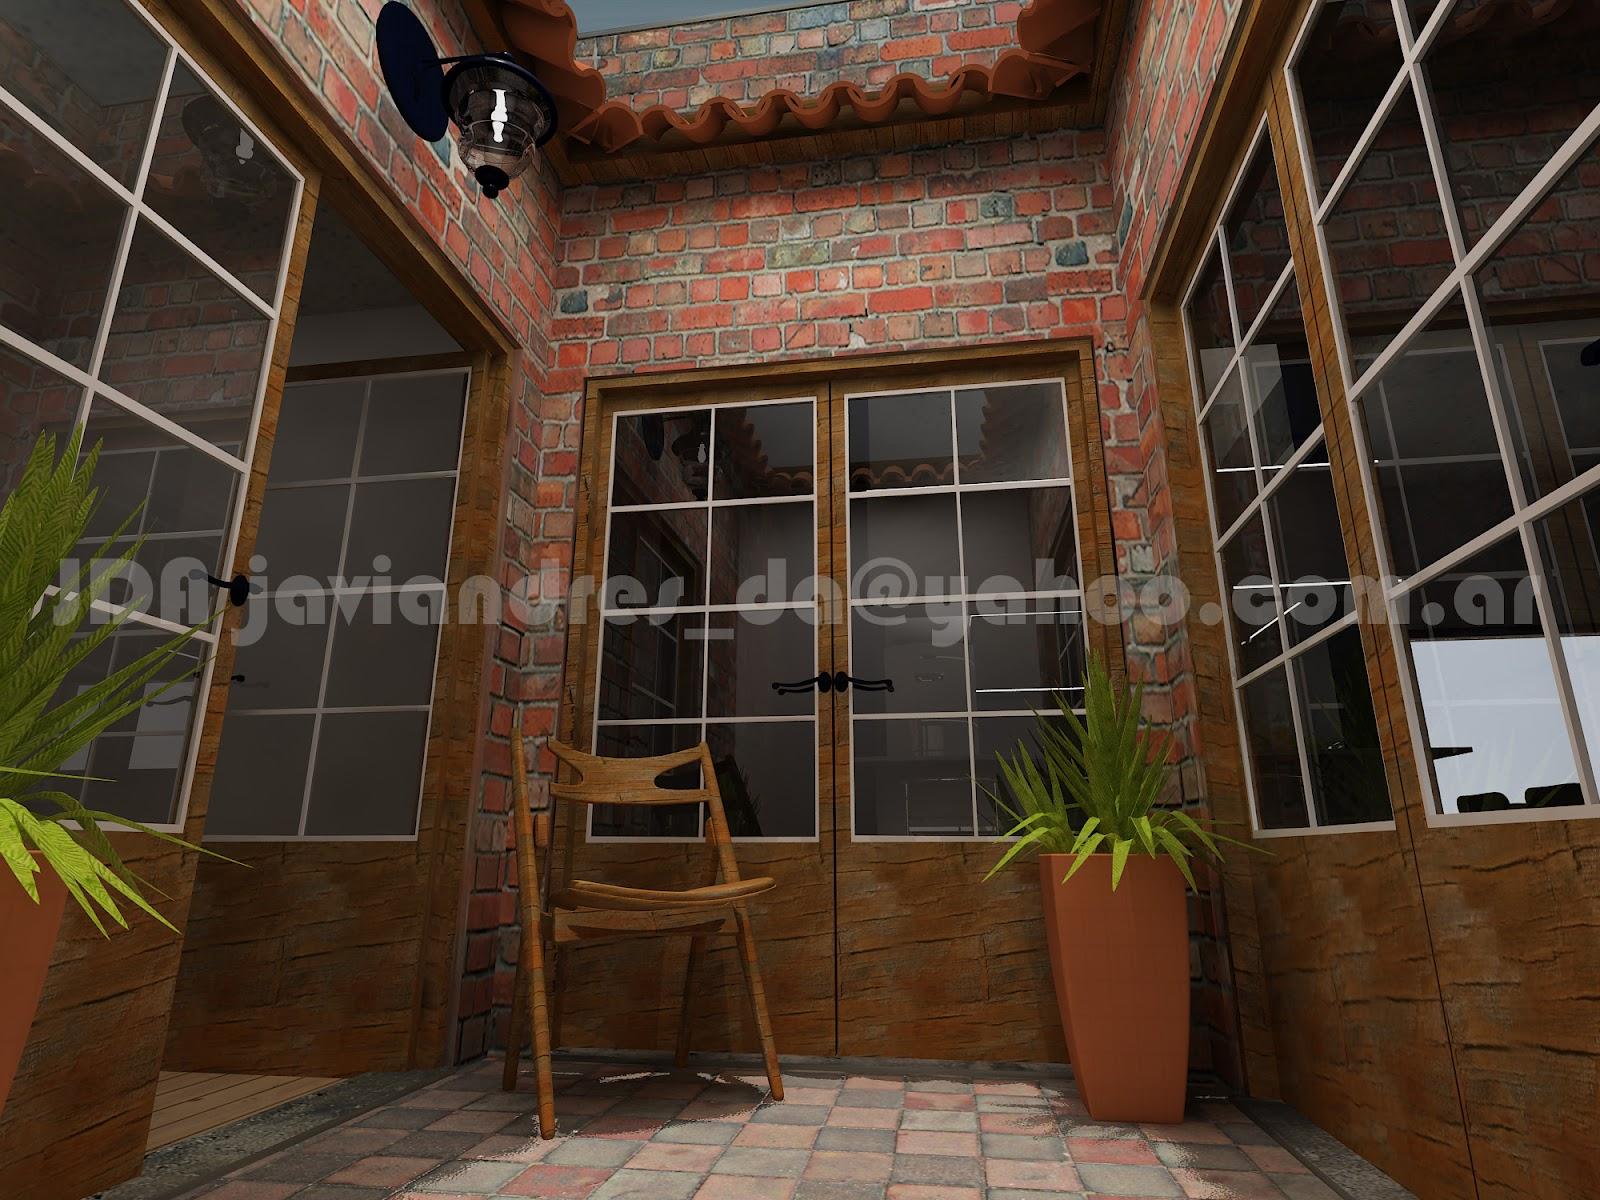 Arquitec maquetas remodelaci n 3d casa antigua buenos aires for Remodelacion de casas pequenas fotos